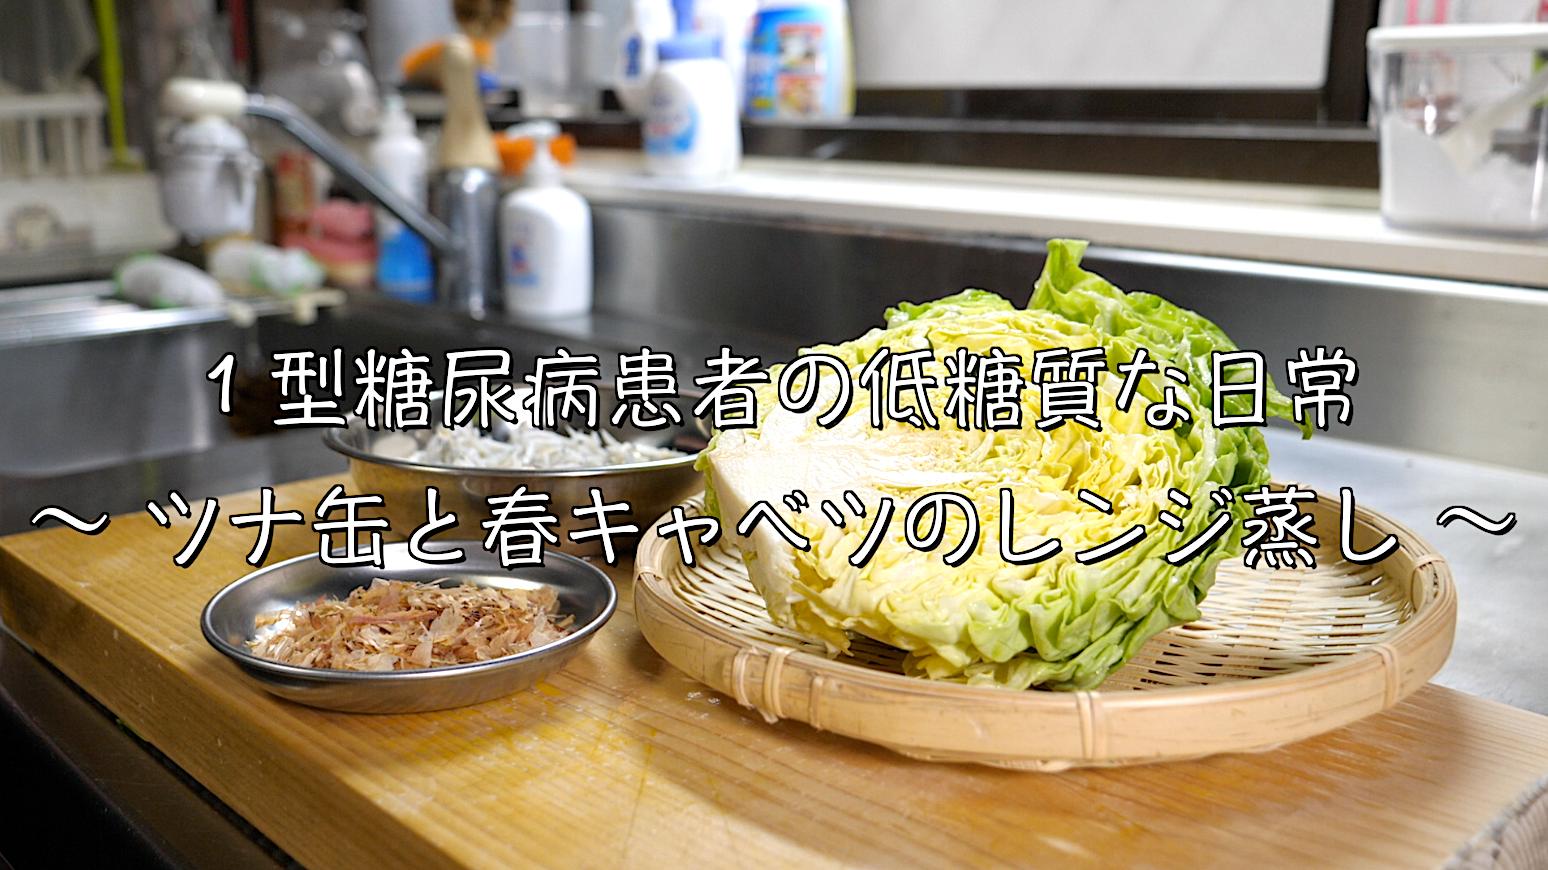 春キャベツ 簡単 レシピ